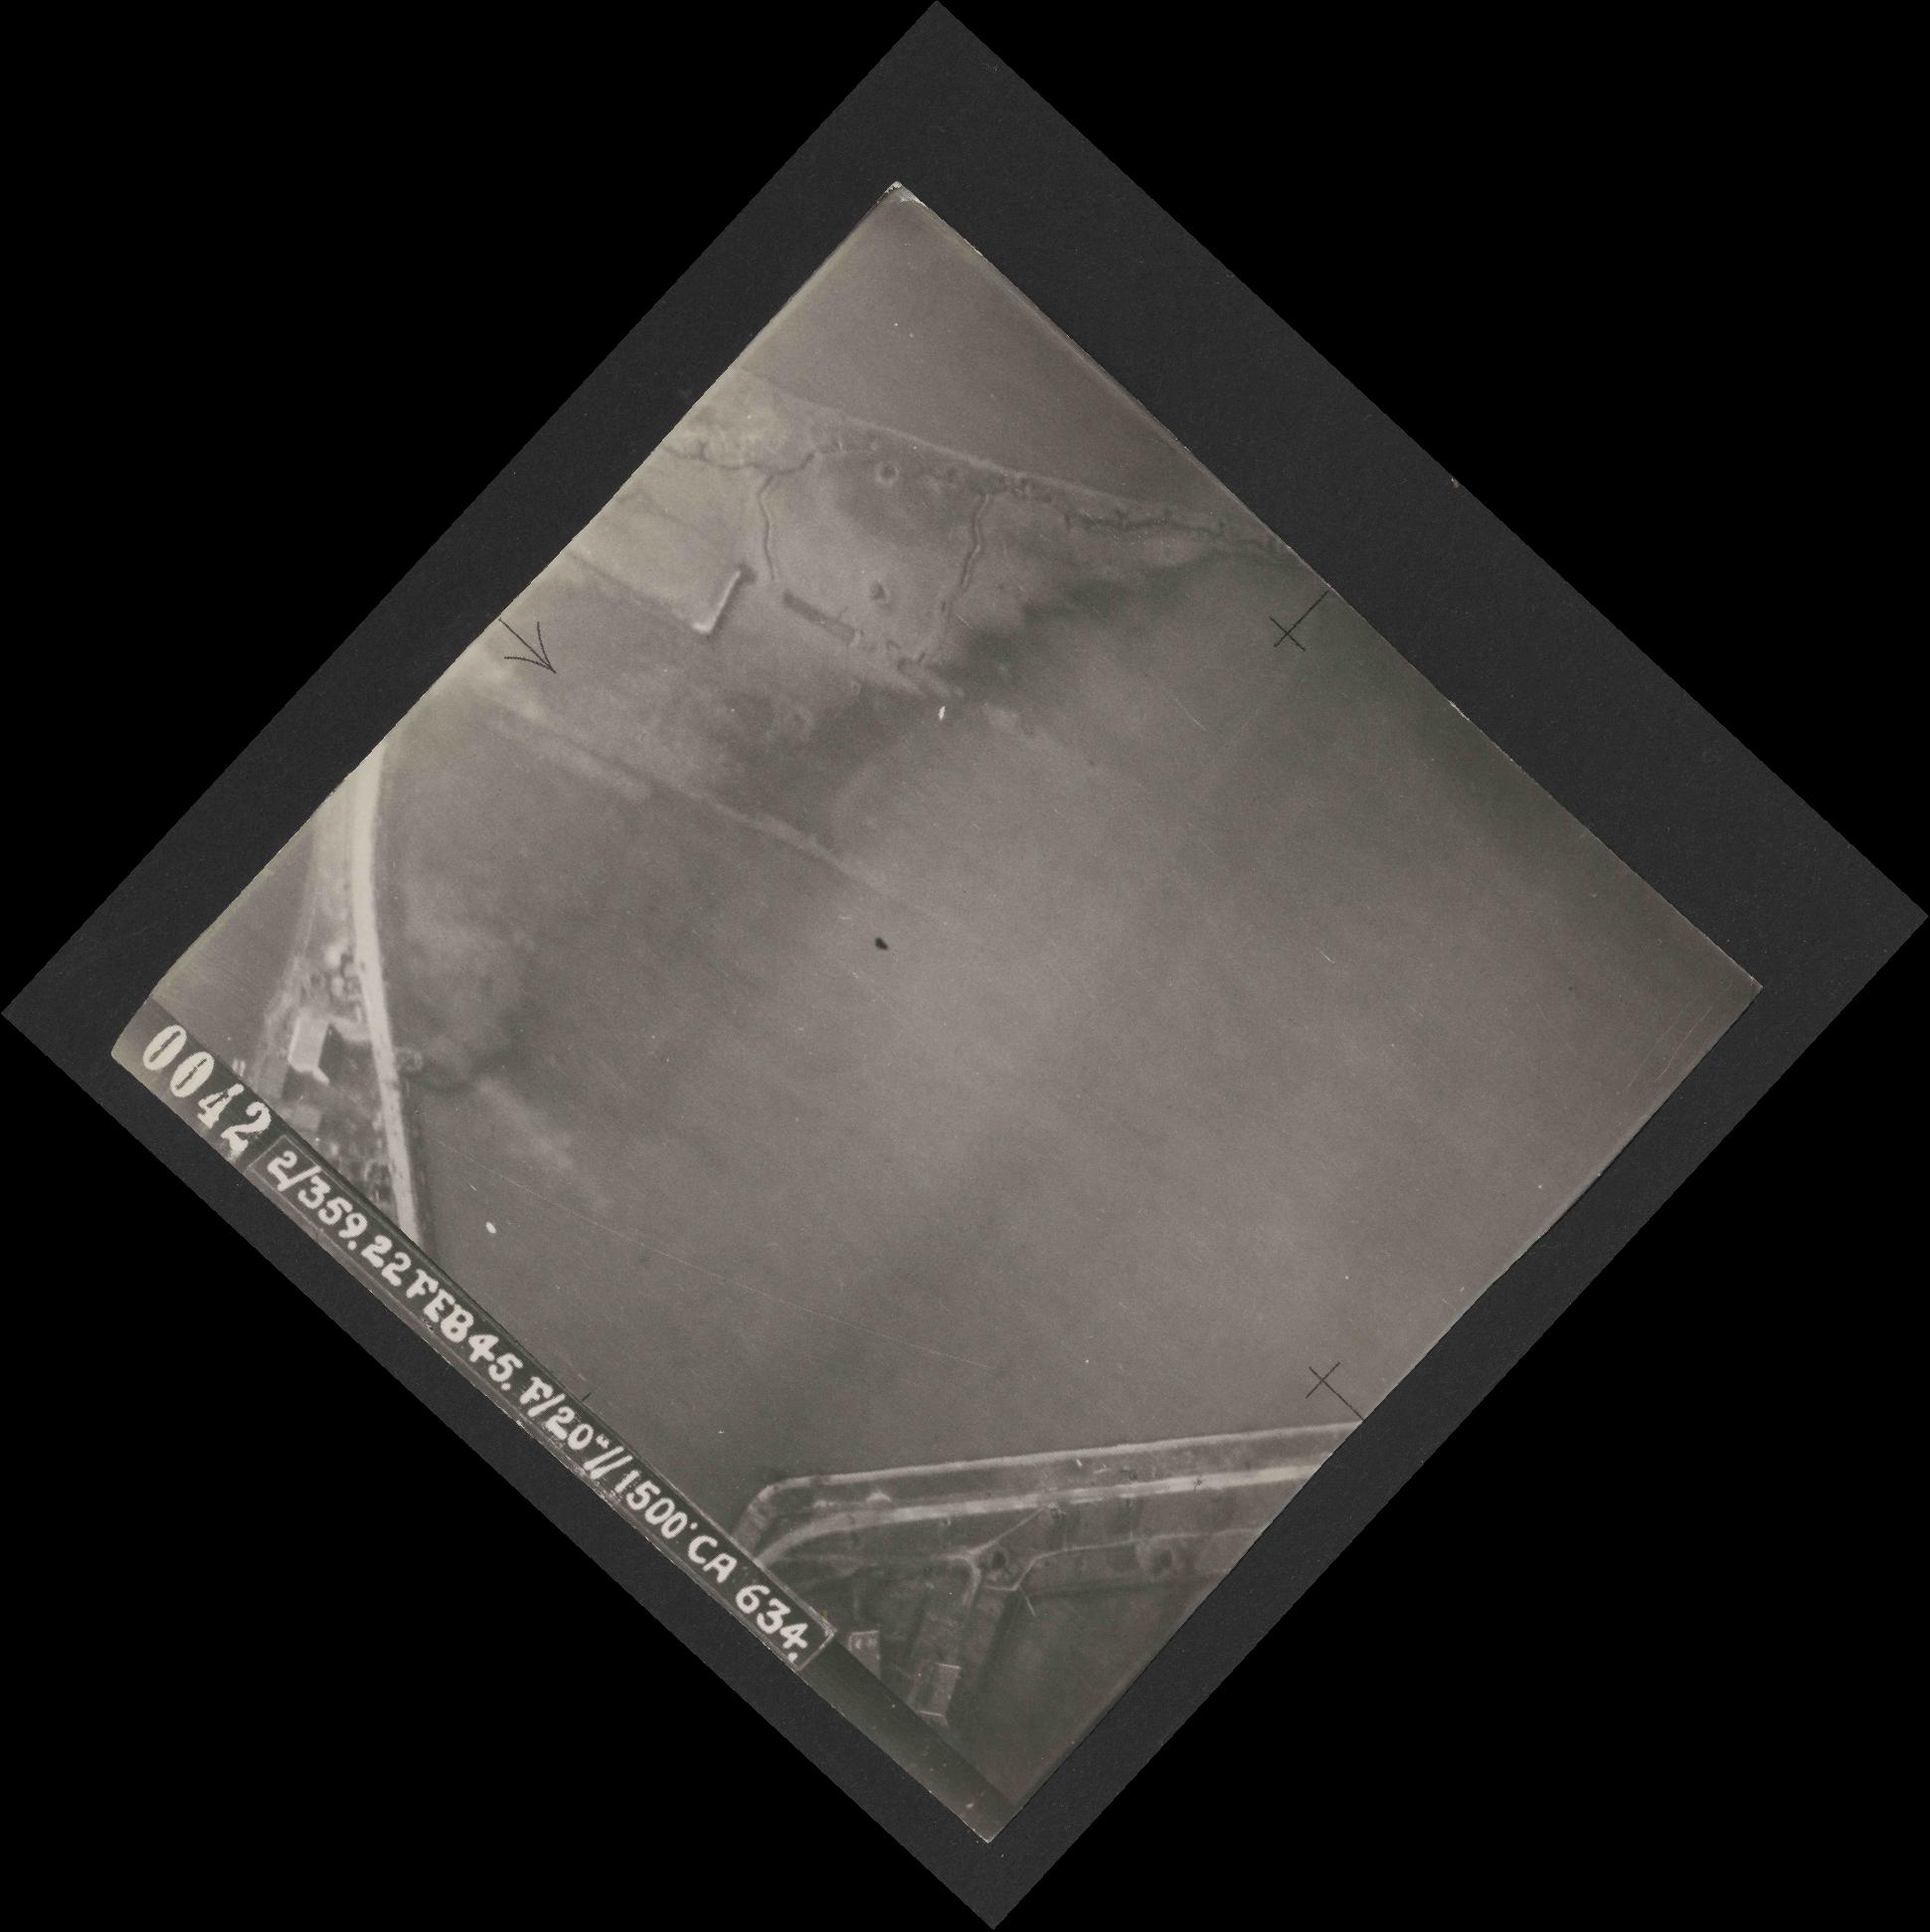 Collection RAF aerial photos 1940-1945 - flight 512, run 01, photo 0042